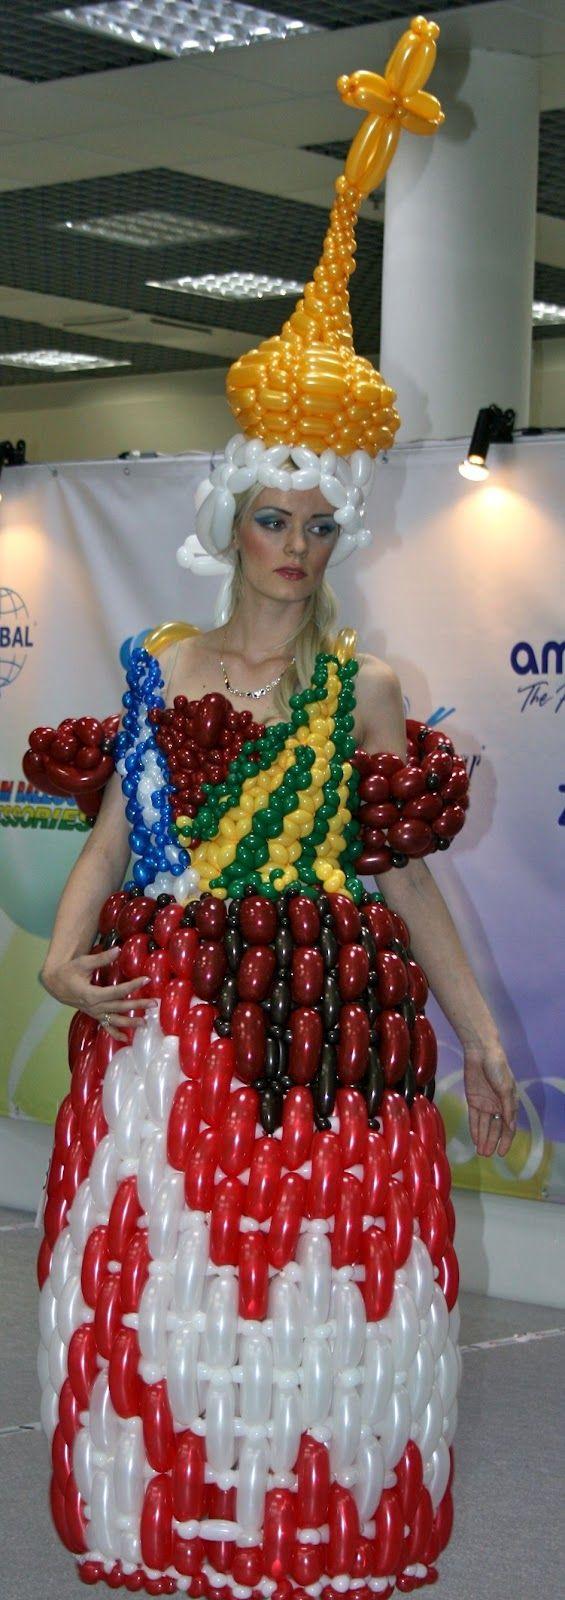 The Very Best Blog Globo: Balloon Festival Internacional de Moscú 13